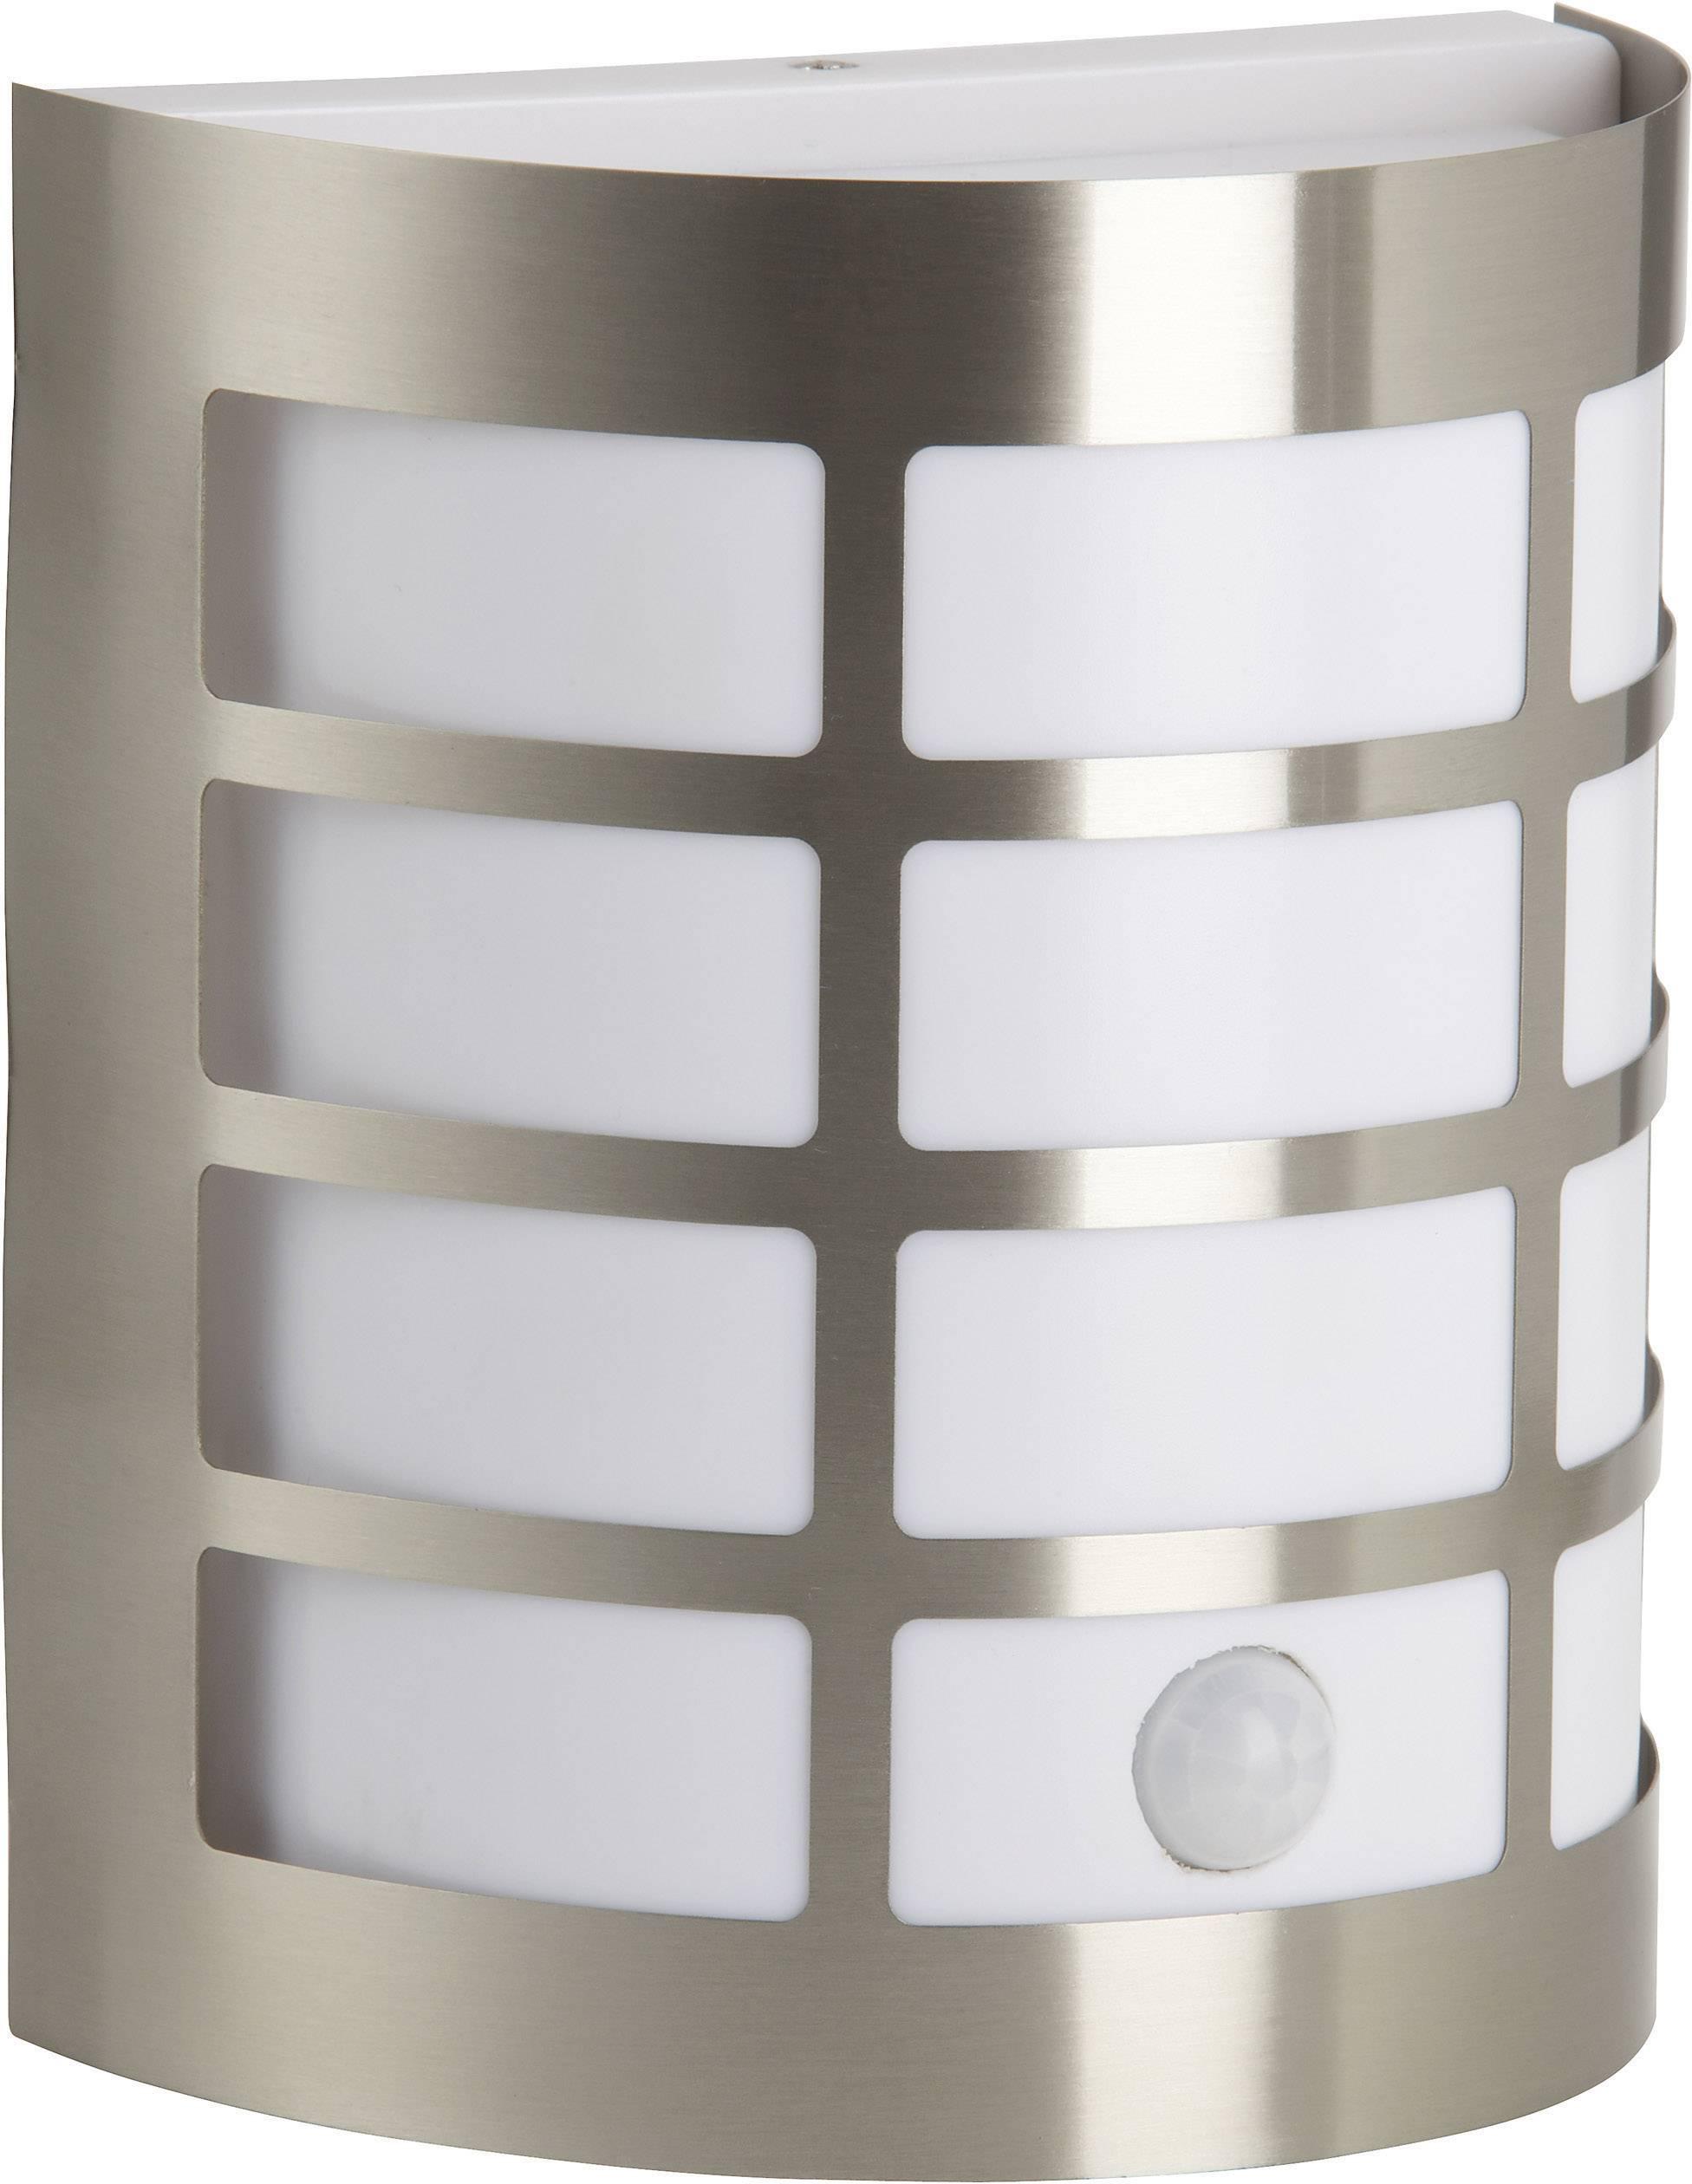 Vonkajšie nástennéosvetleniesPIR senzorom Brilliant Rune 96183/82, E27, 60 W, ušľachtilá oceľ, nerezová oceľ